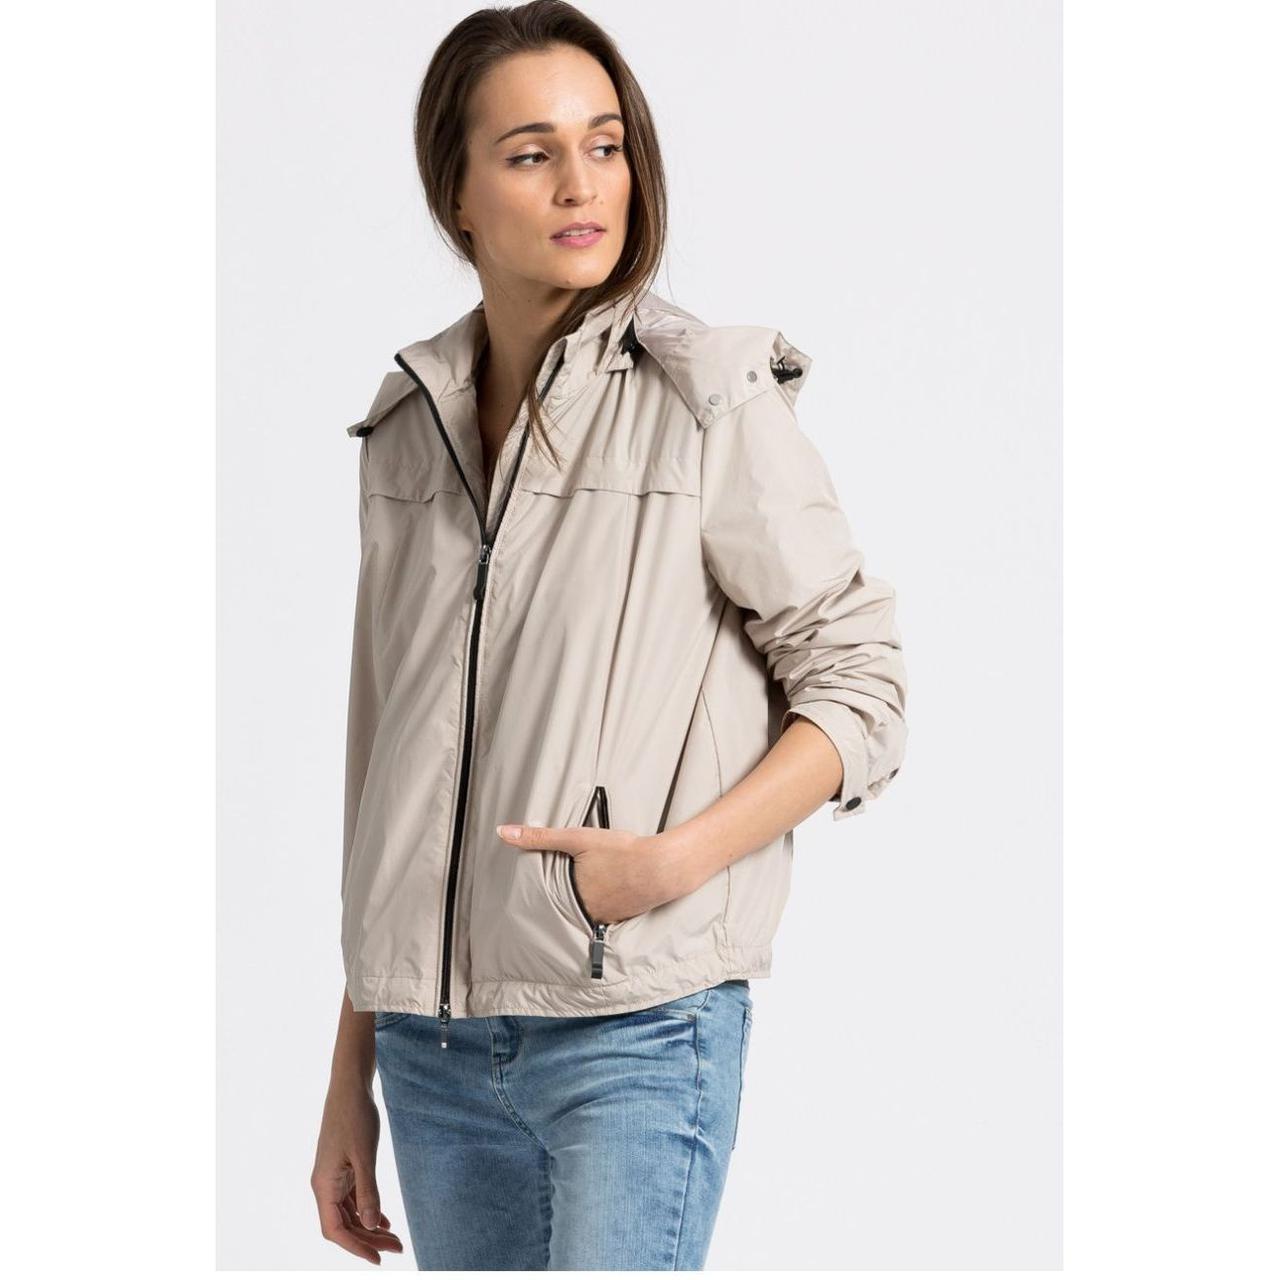 Демисезонная женская куртка Geox W5221E LIGHT STRING